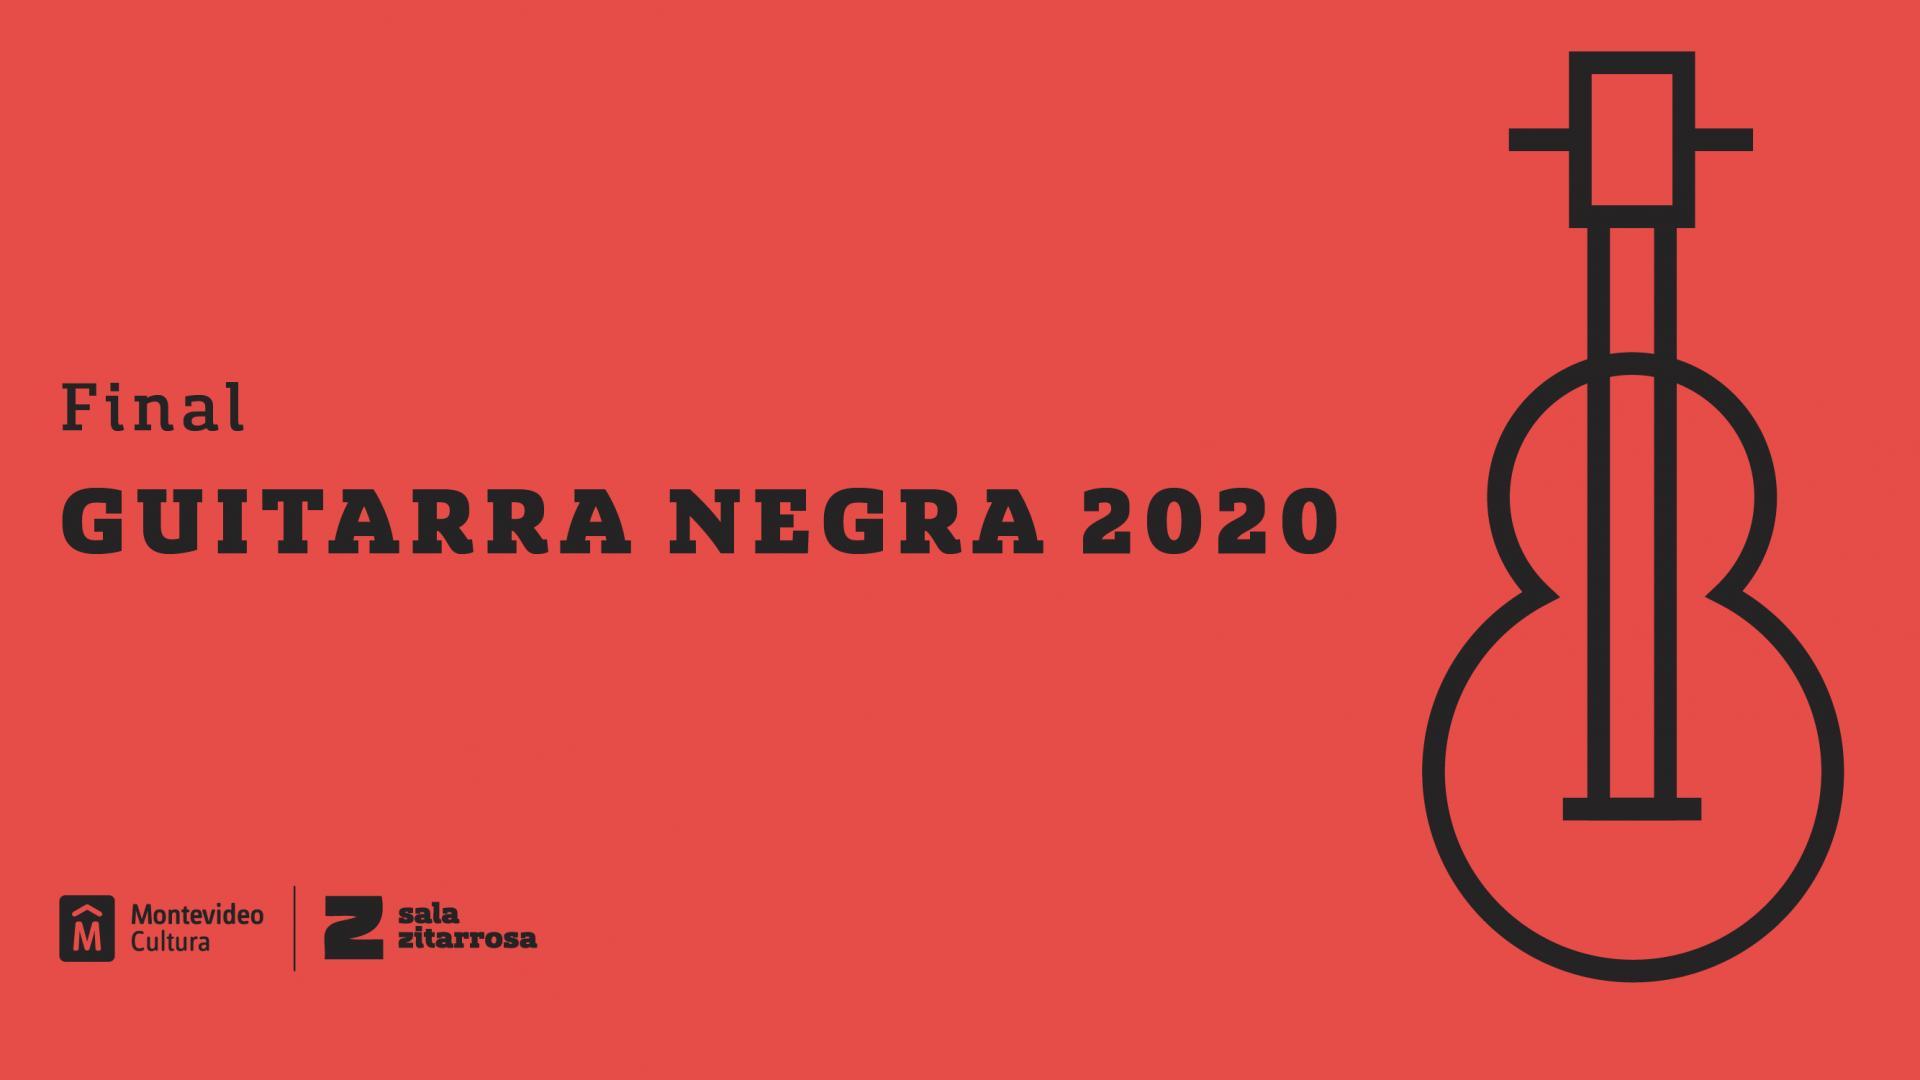 Selección Guitarra Negra 2020